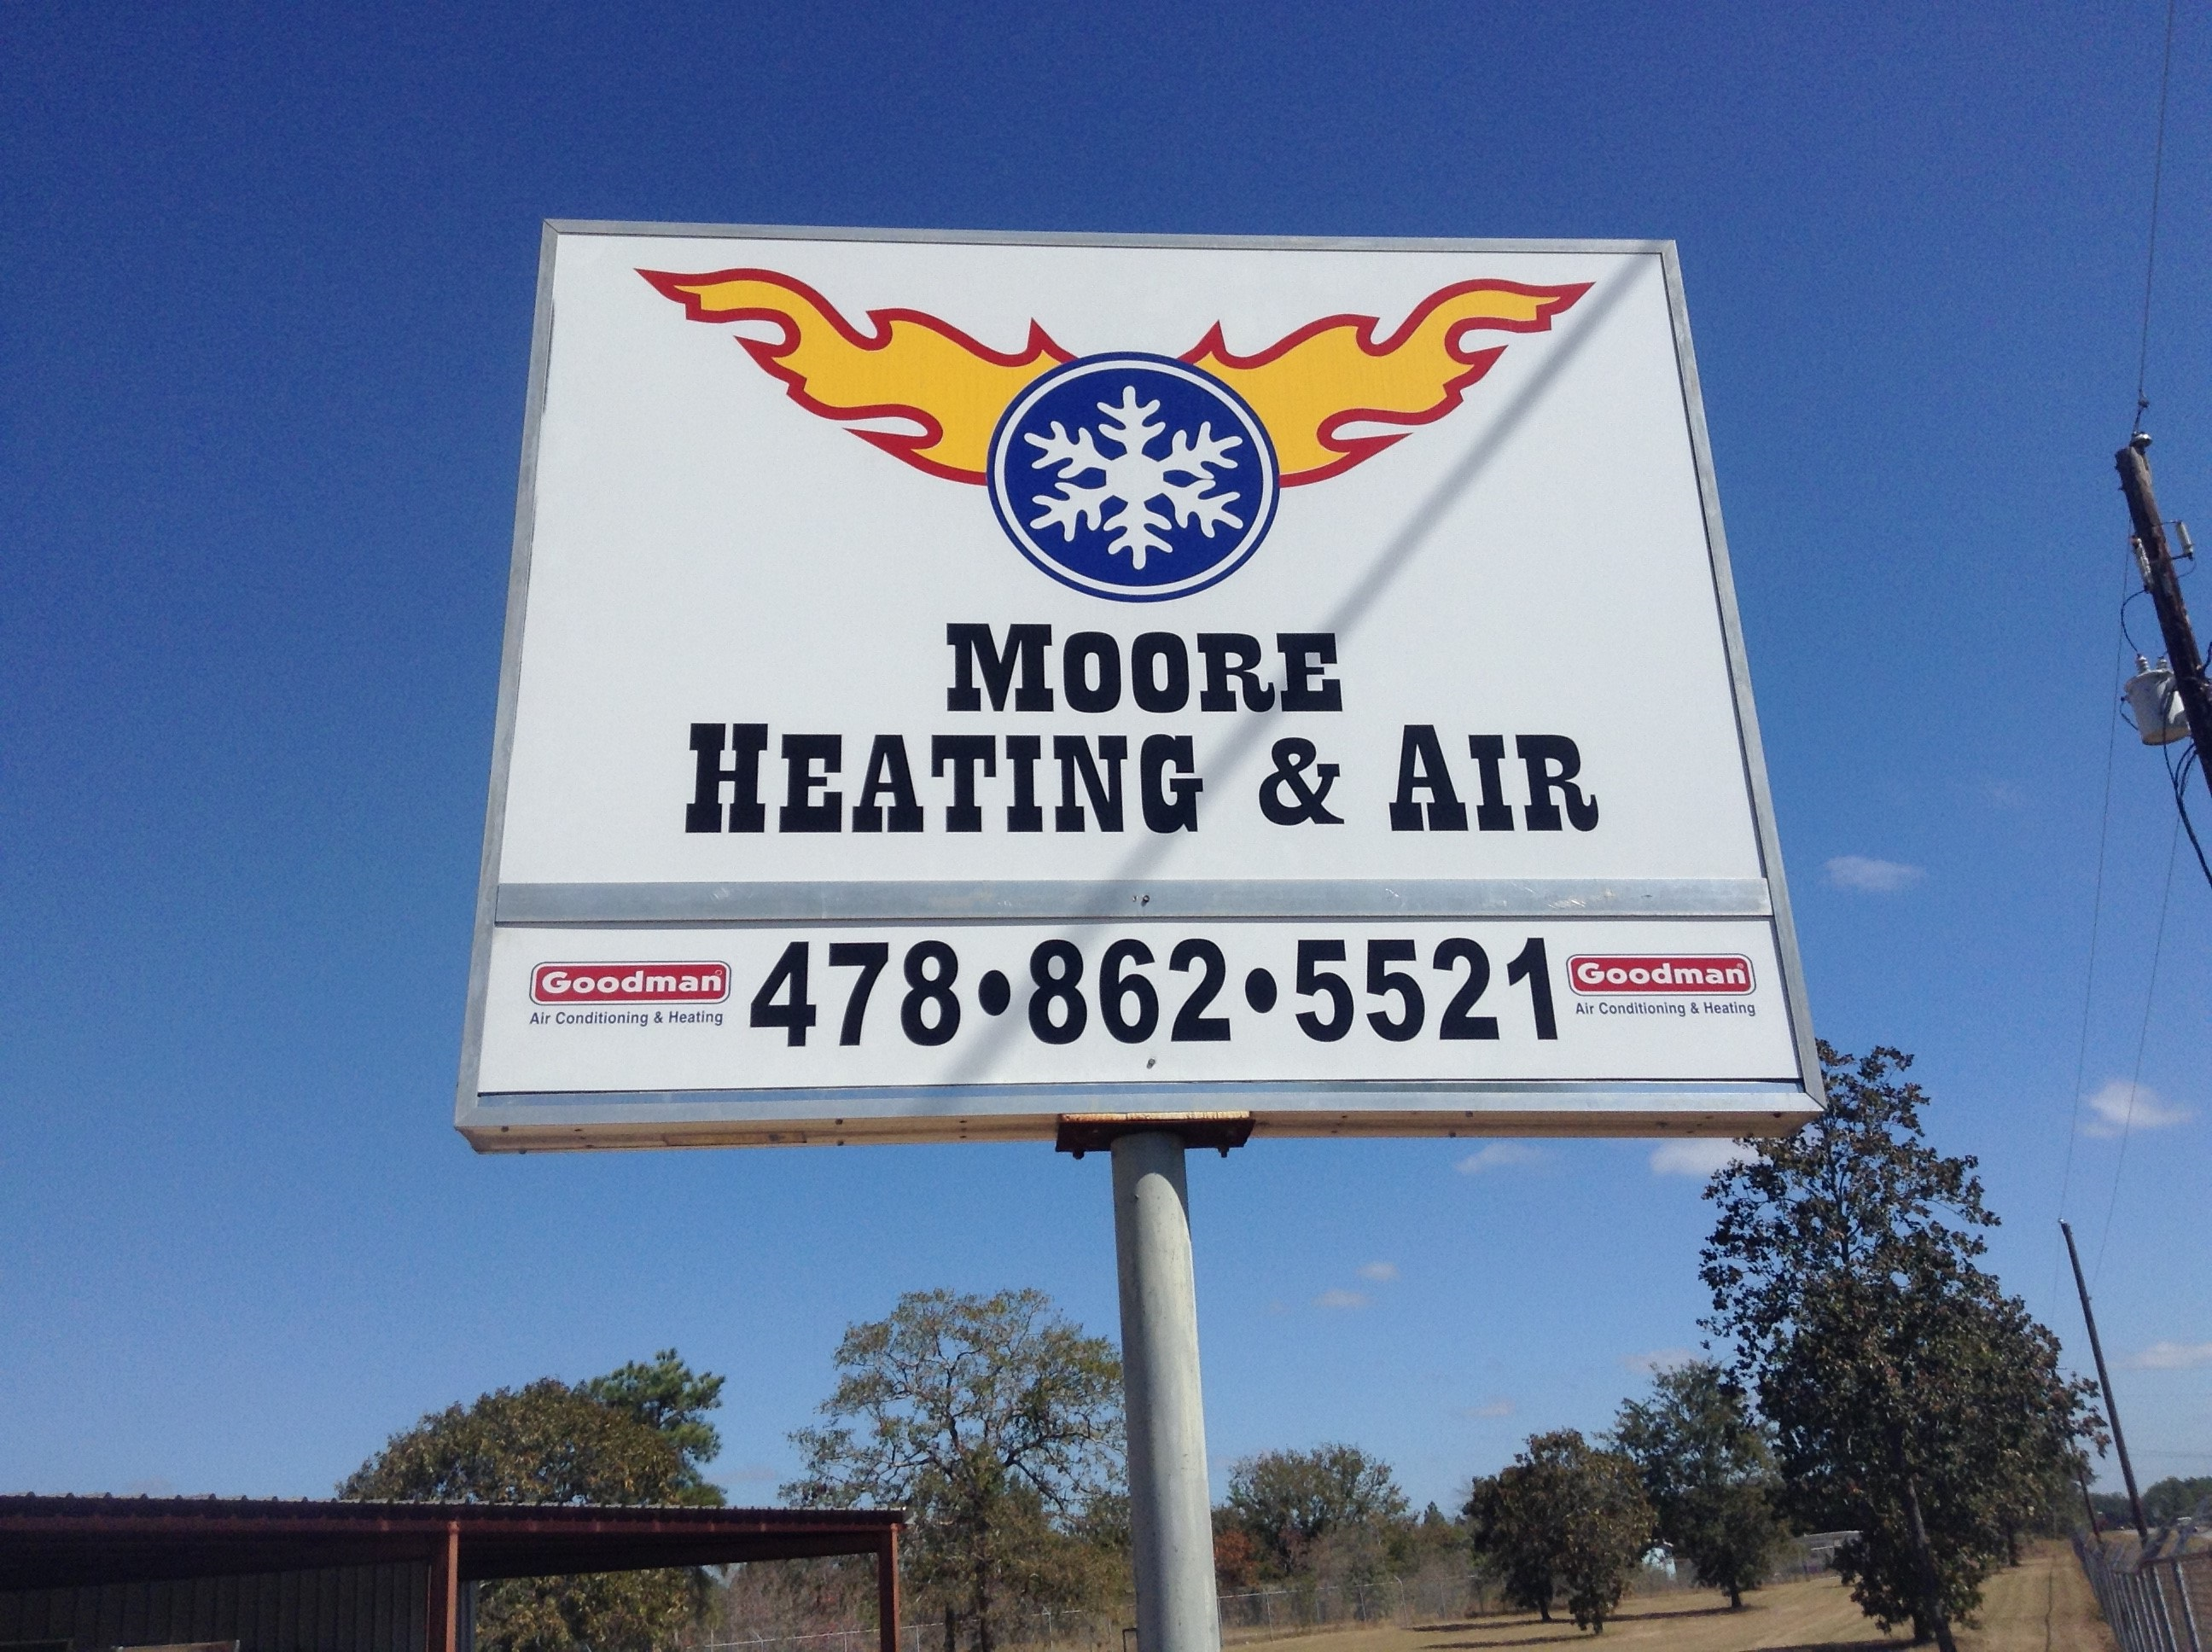 Moore Heating & Air